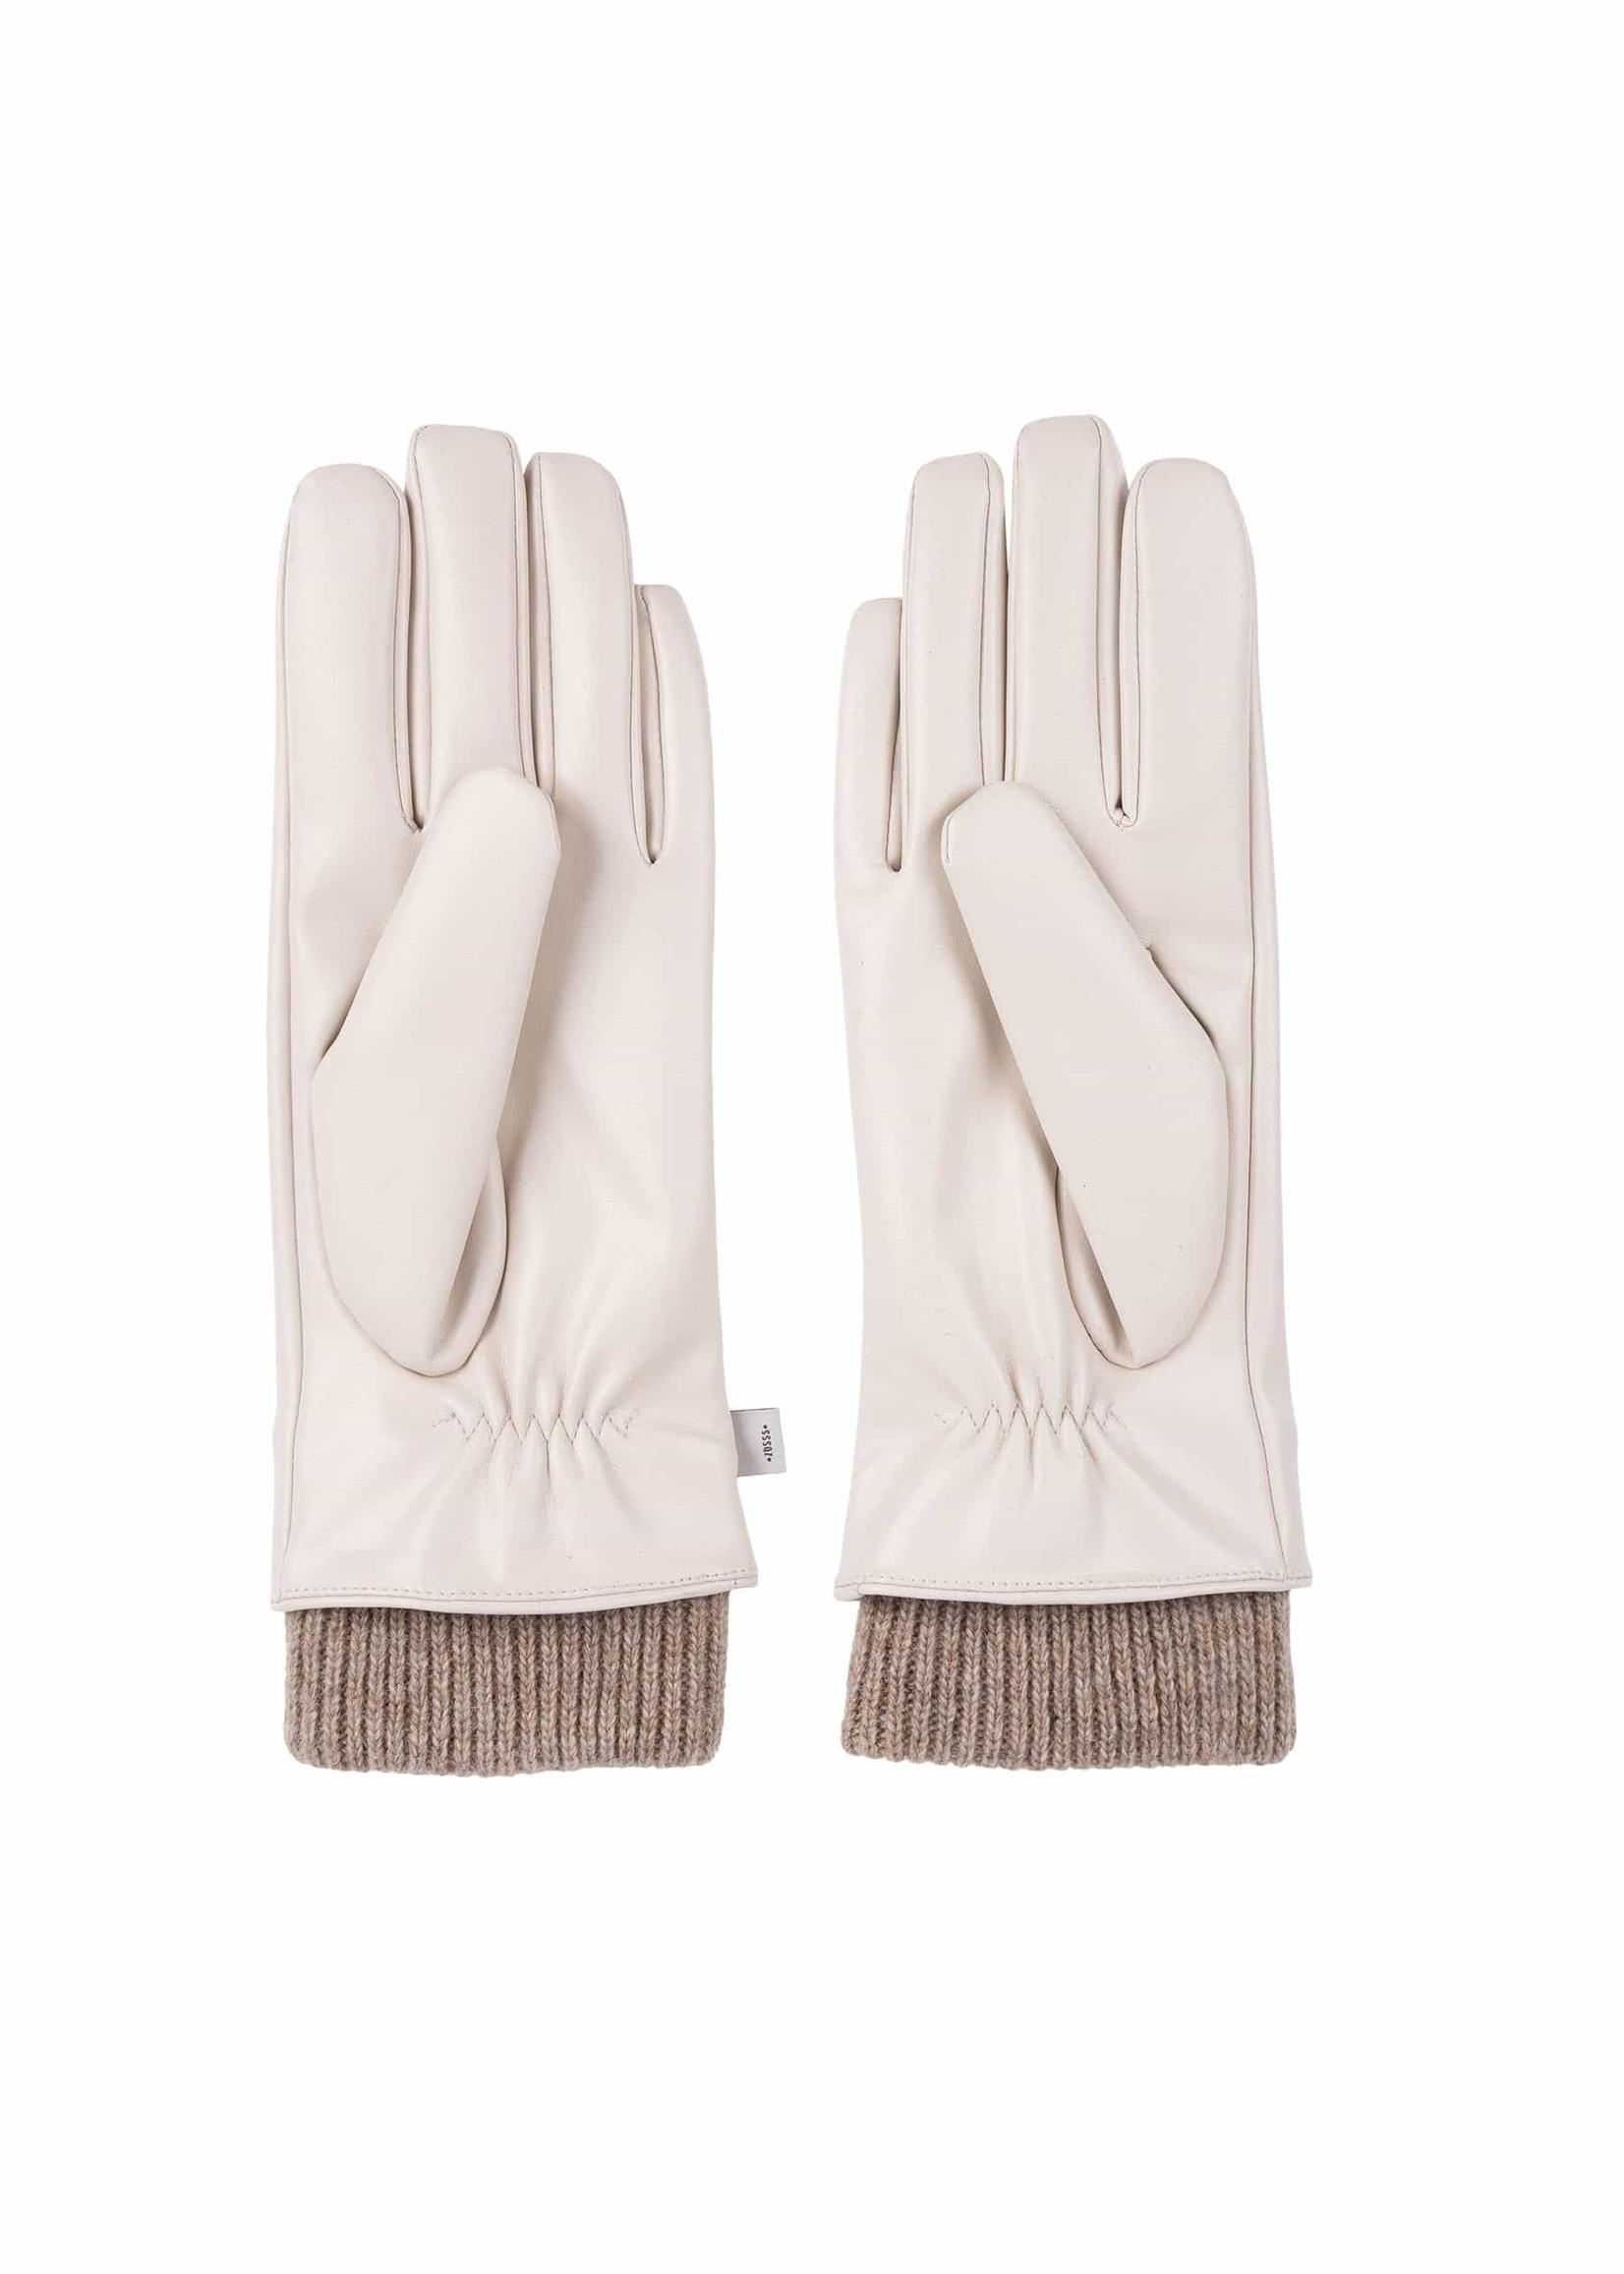 ZUSSS fijne handschoen creme